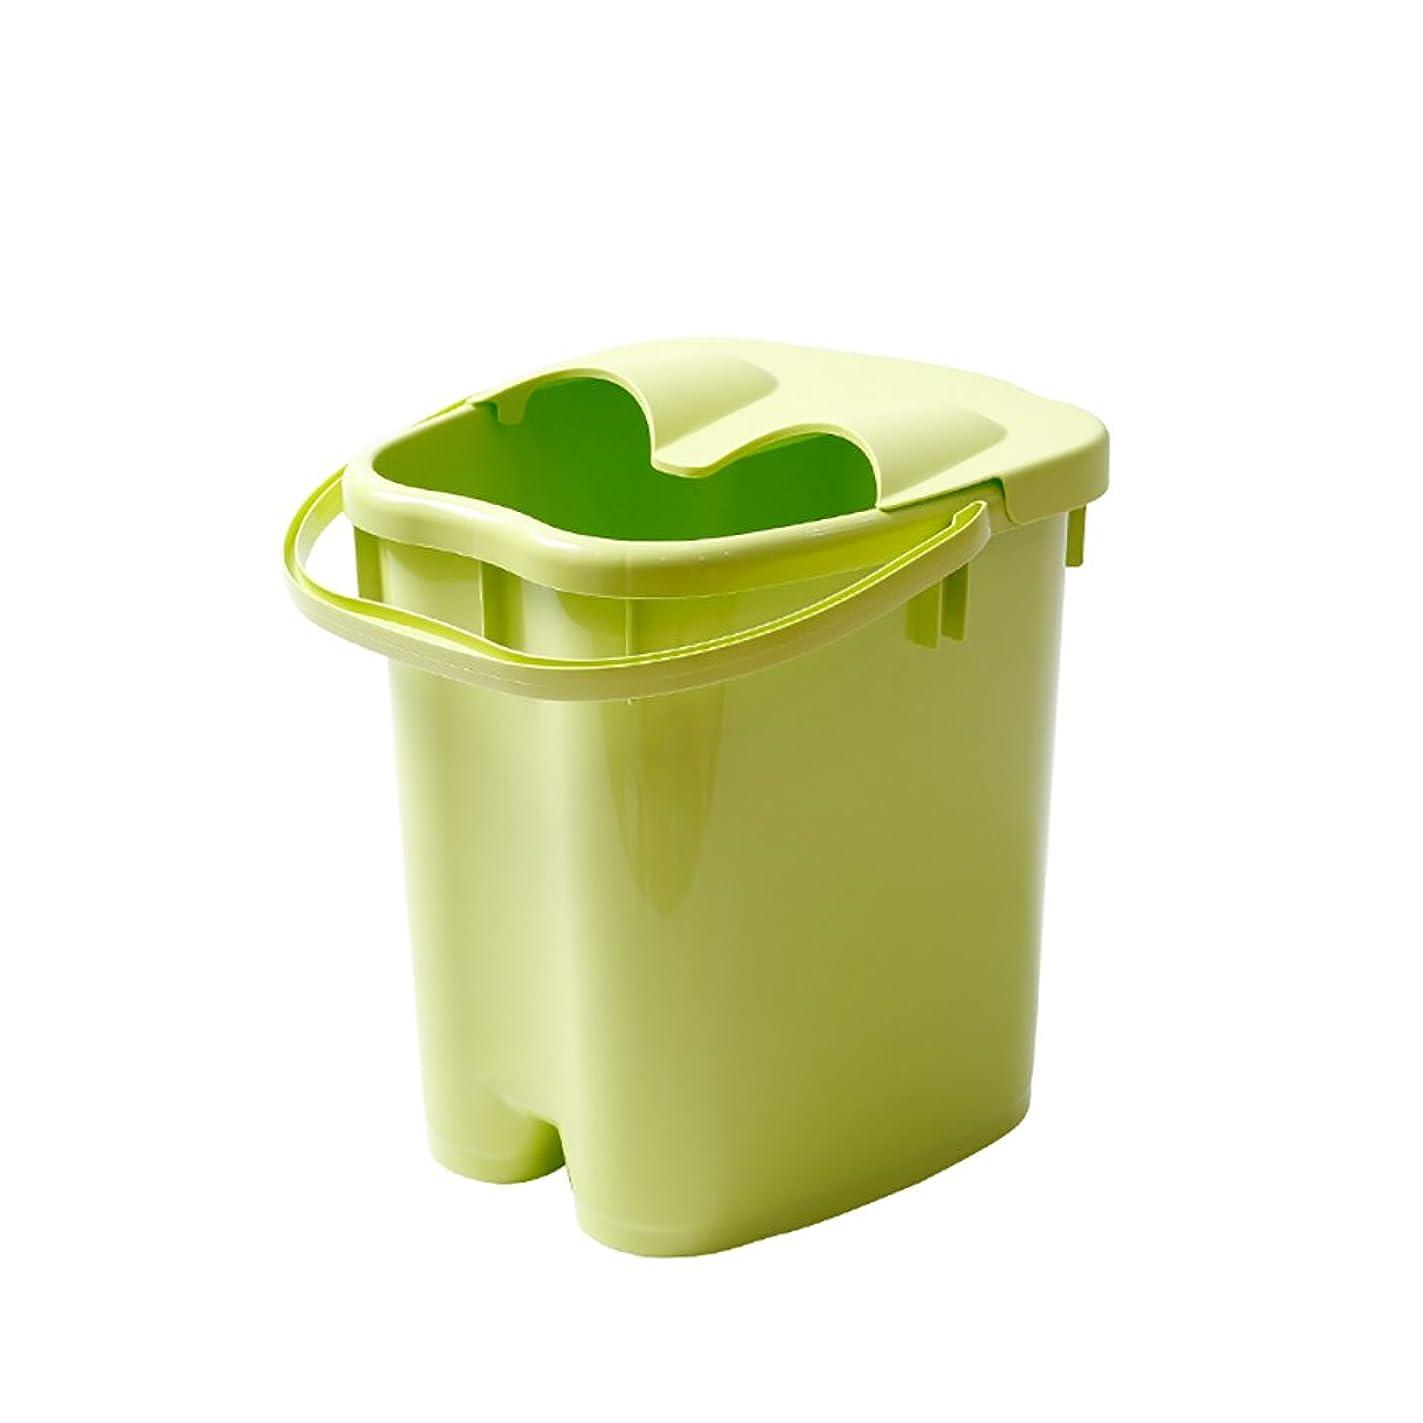 かるそのストロークフットバスバレル厚いプラスチックマッサージフットバスは、家庭の足湯20Lの大容量高水レベルを高め22 * 30 * 40センチメートル (色 : Green)